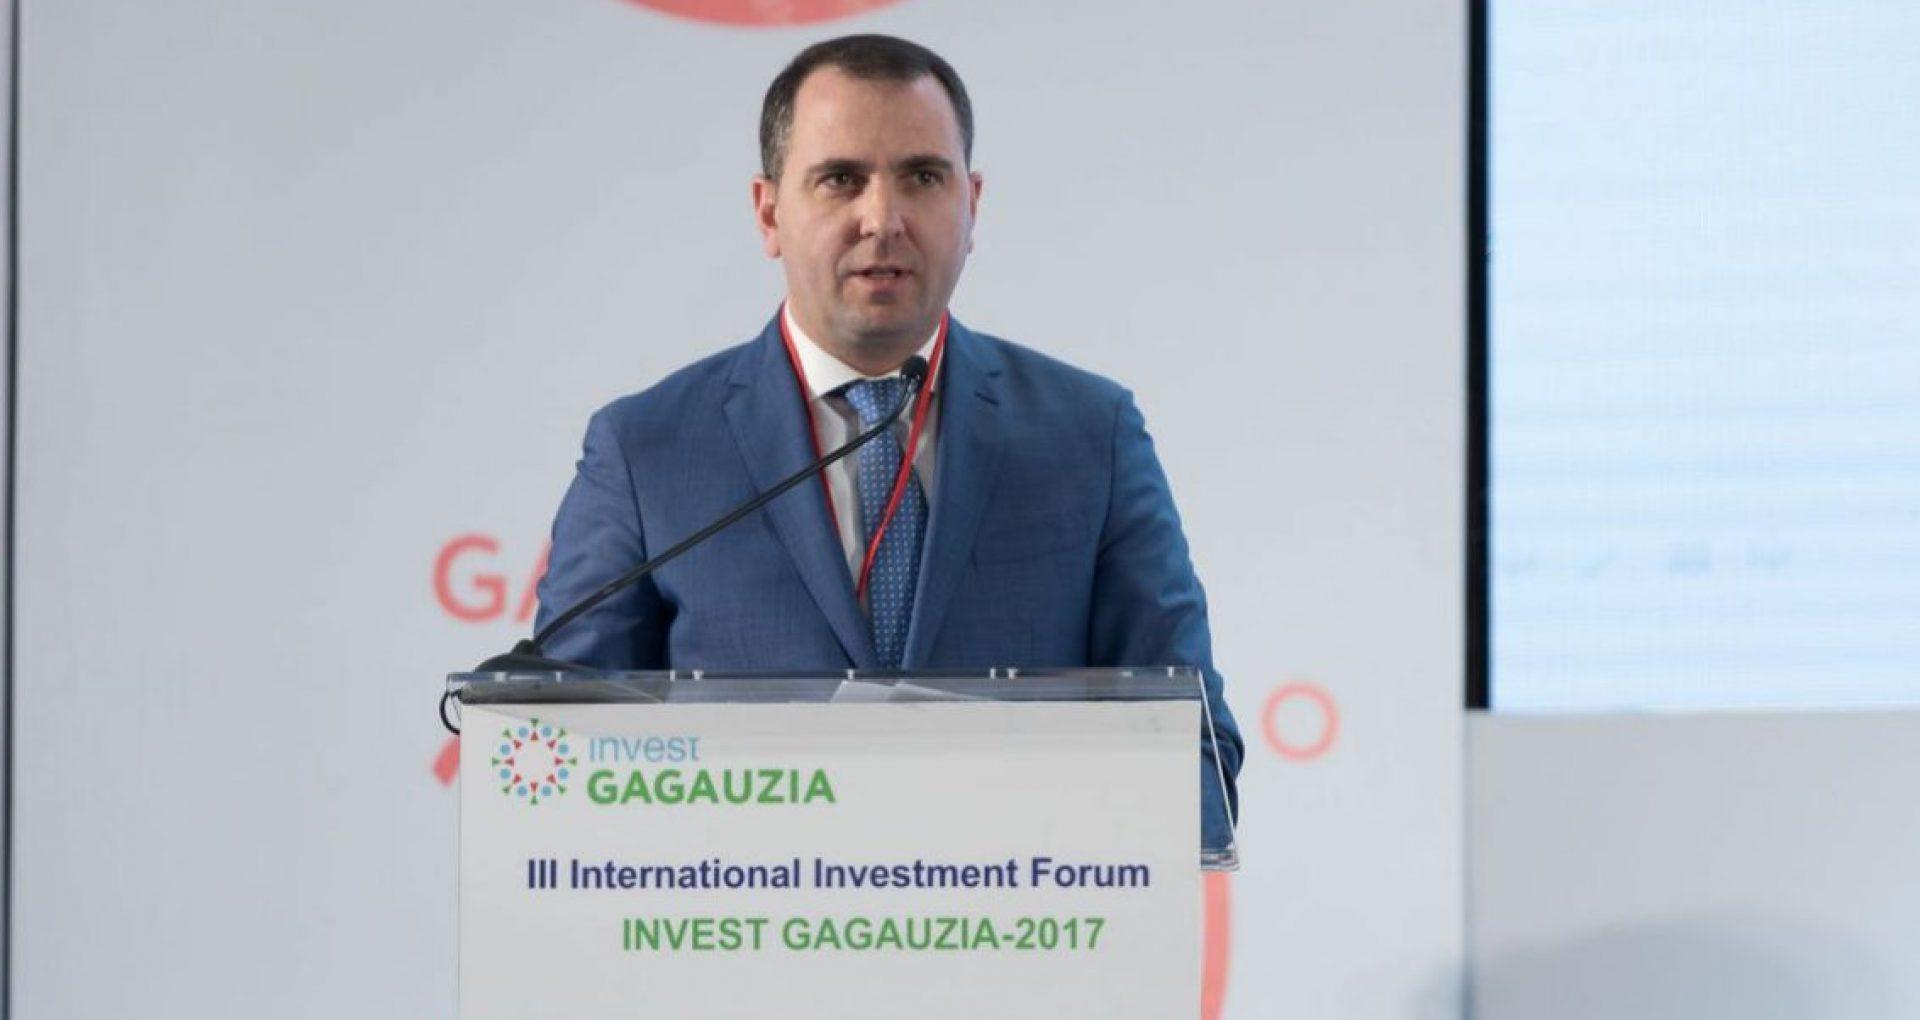 Directorul Poștei Moldovei, Vitalie Zaharia, neagă acuzațiile lansate în adresa sa de șeful unei sucursale